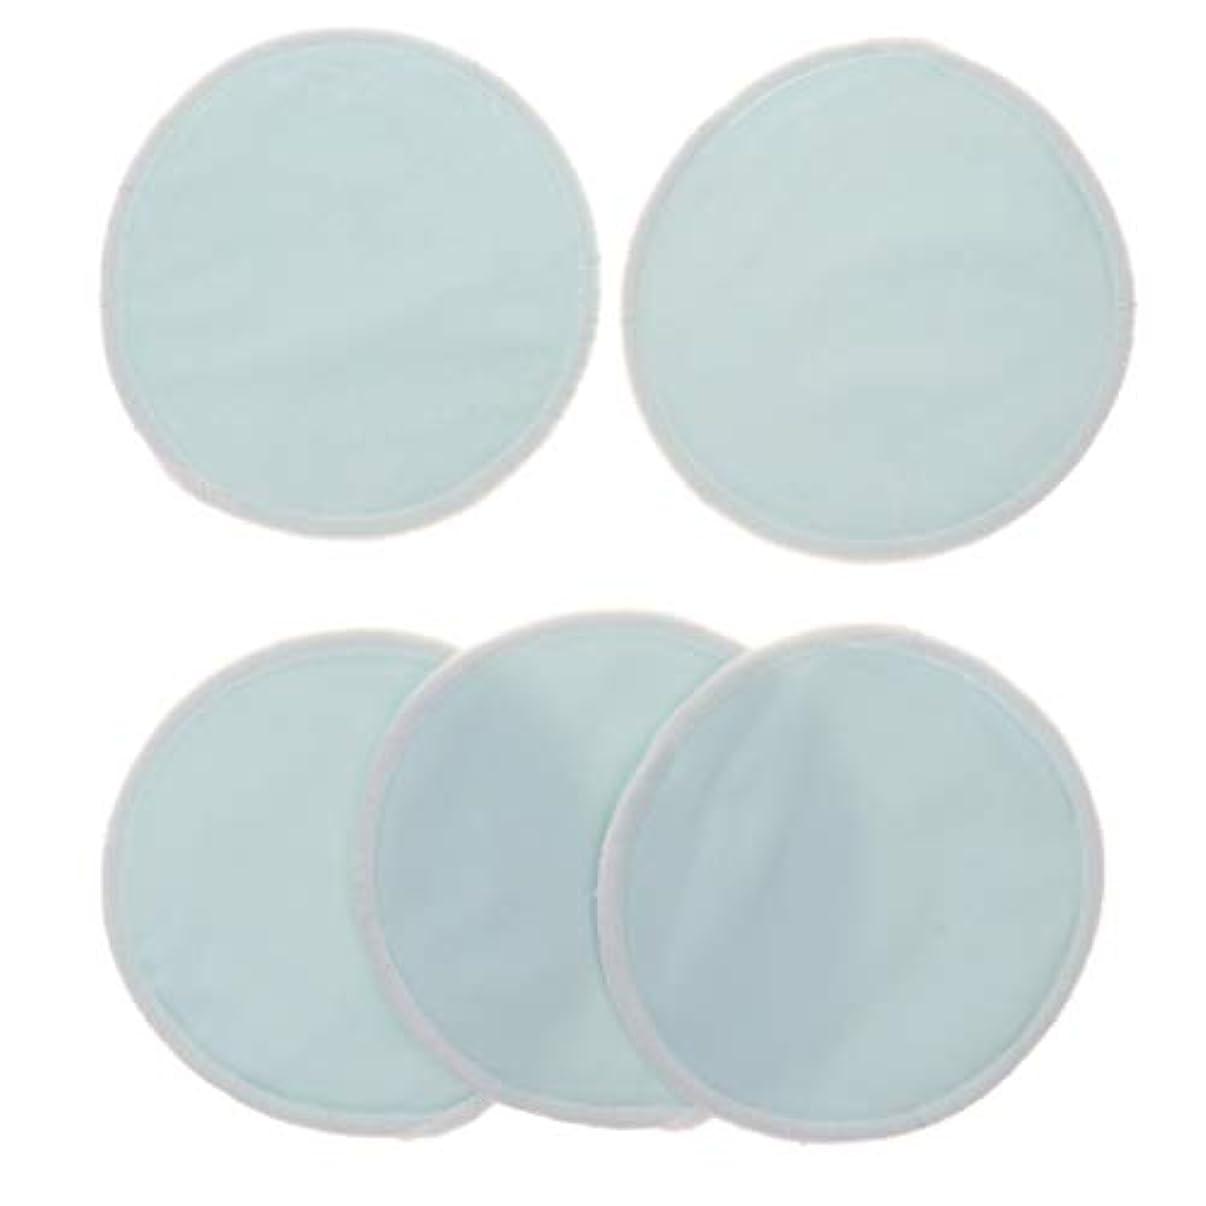 汚すファントム発火する5個 クレンジングシート 胸パッド 化粧用 竹繊維 円形 12cm 洗える 再使用可能 耐久性 全5色 - 青